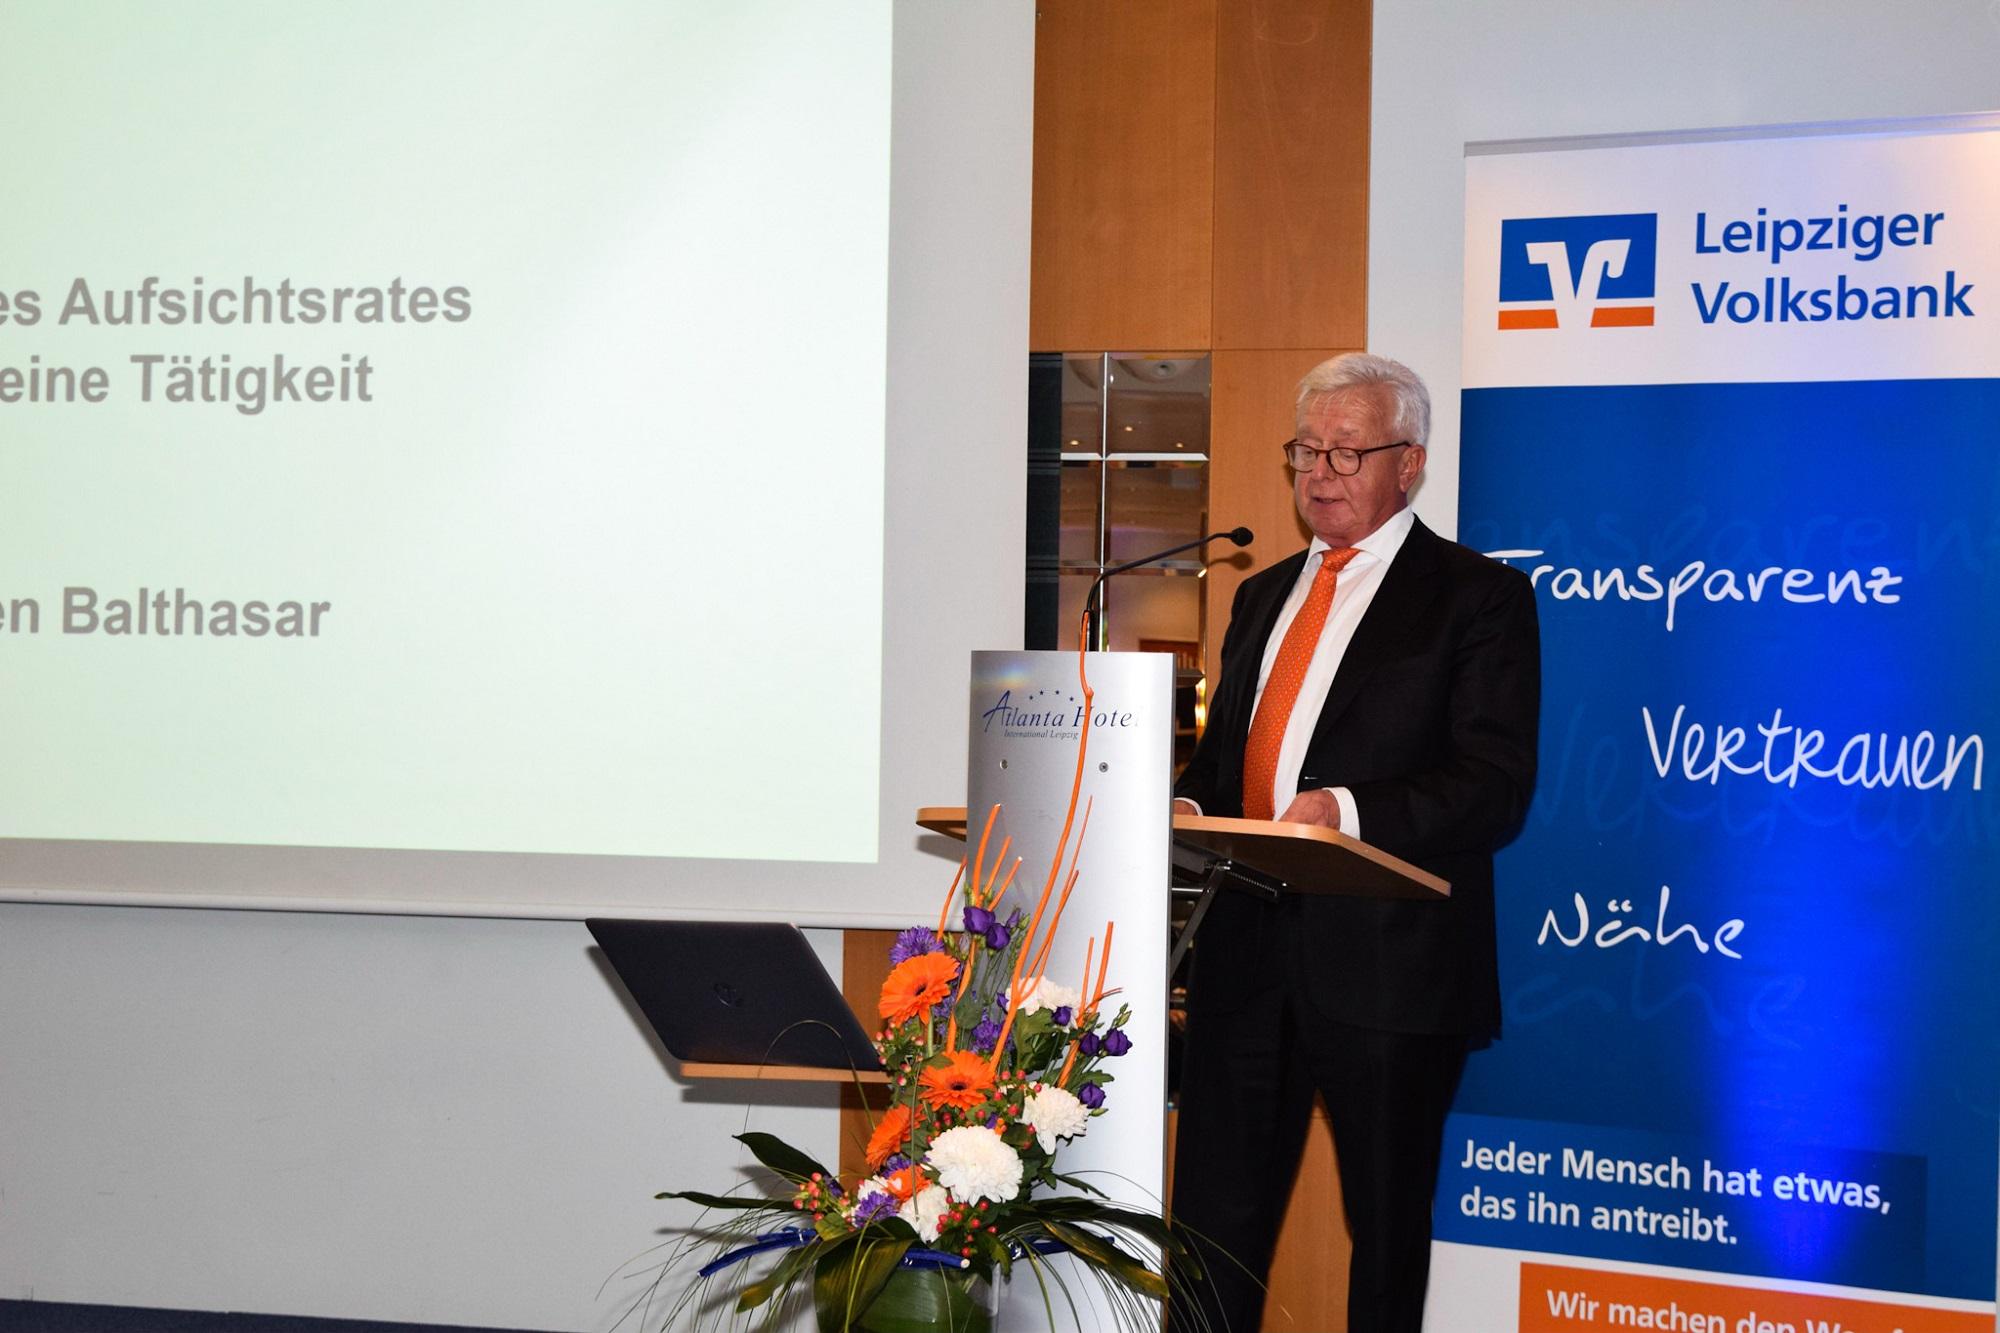 Aufsichtsratsvorsitzender Jürgen Balthasar leitete die Vertreterversammlung.